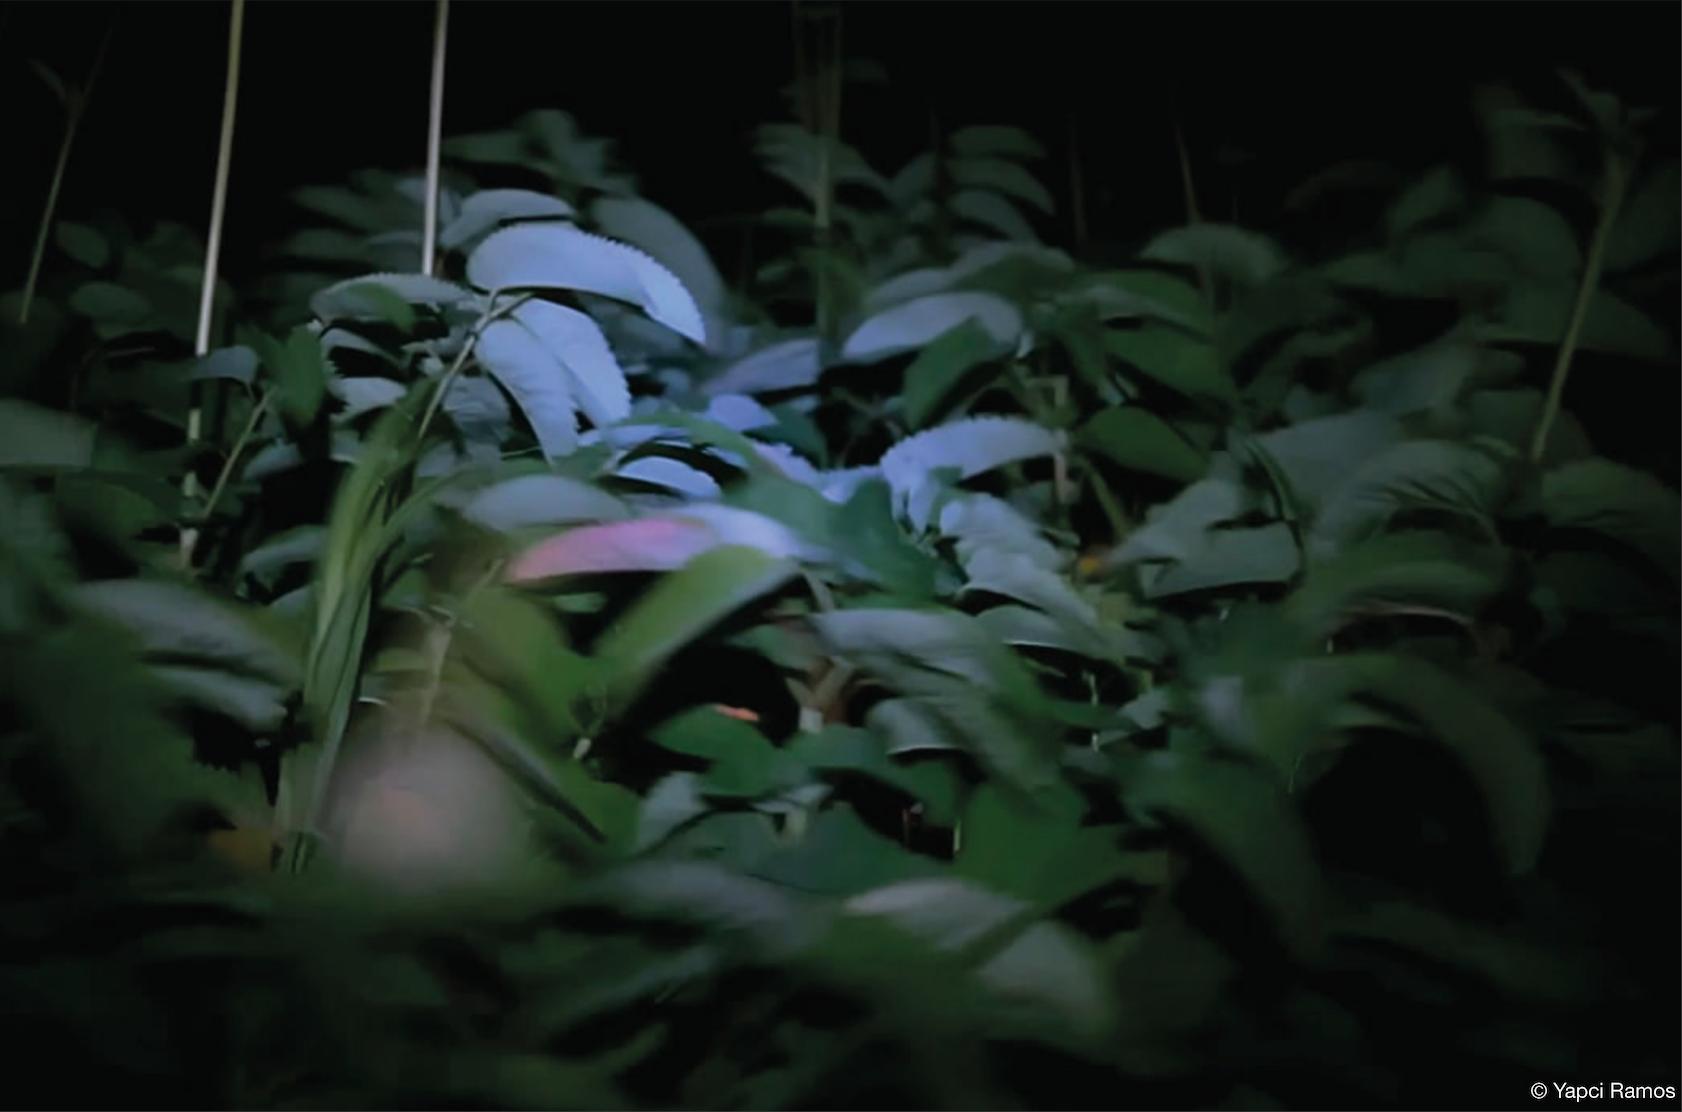 *VIDEO FOREVER 38 «CE MONDE QUE NOUS N'AVONS PAS ENCORE PERDU» DE L'ANTHROPOCÈNE À L'EDEN*